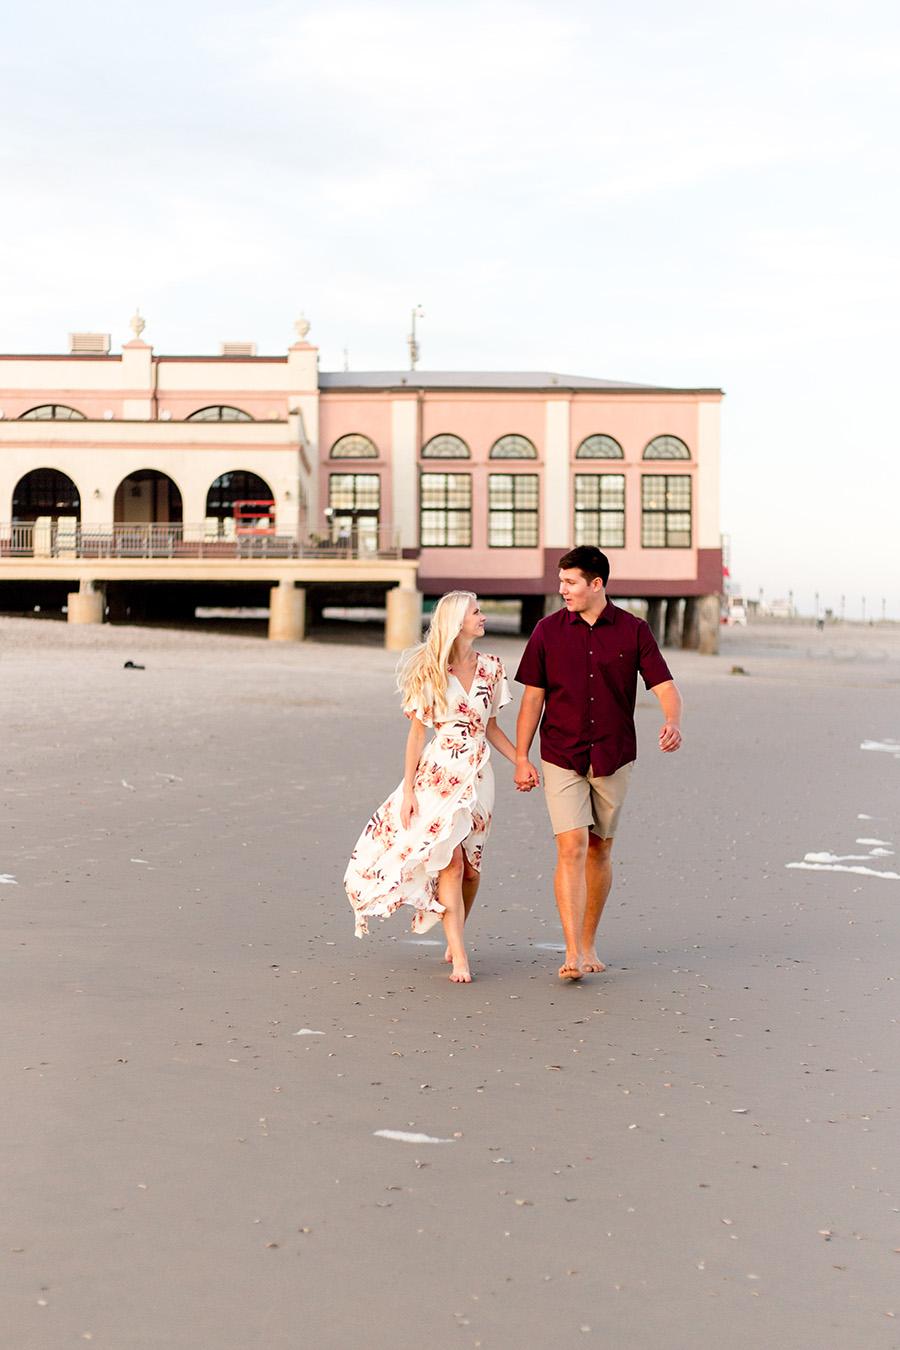 walking near the music pier in ocean city new jersey